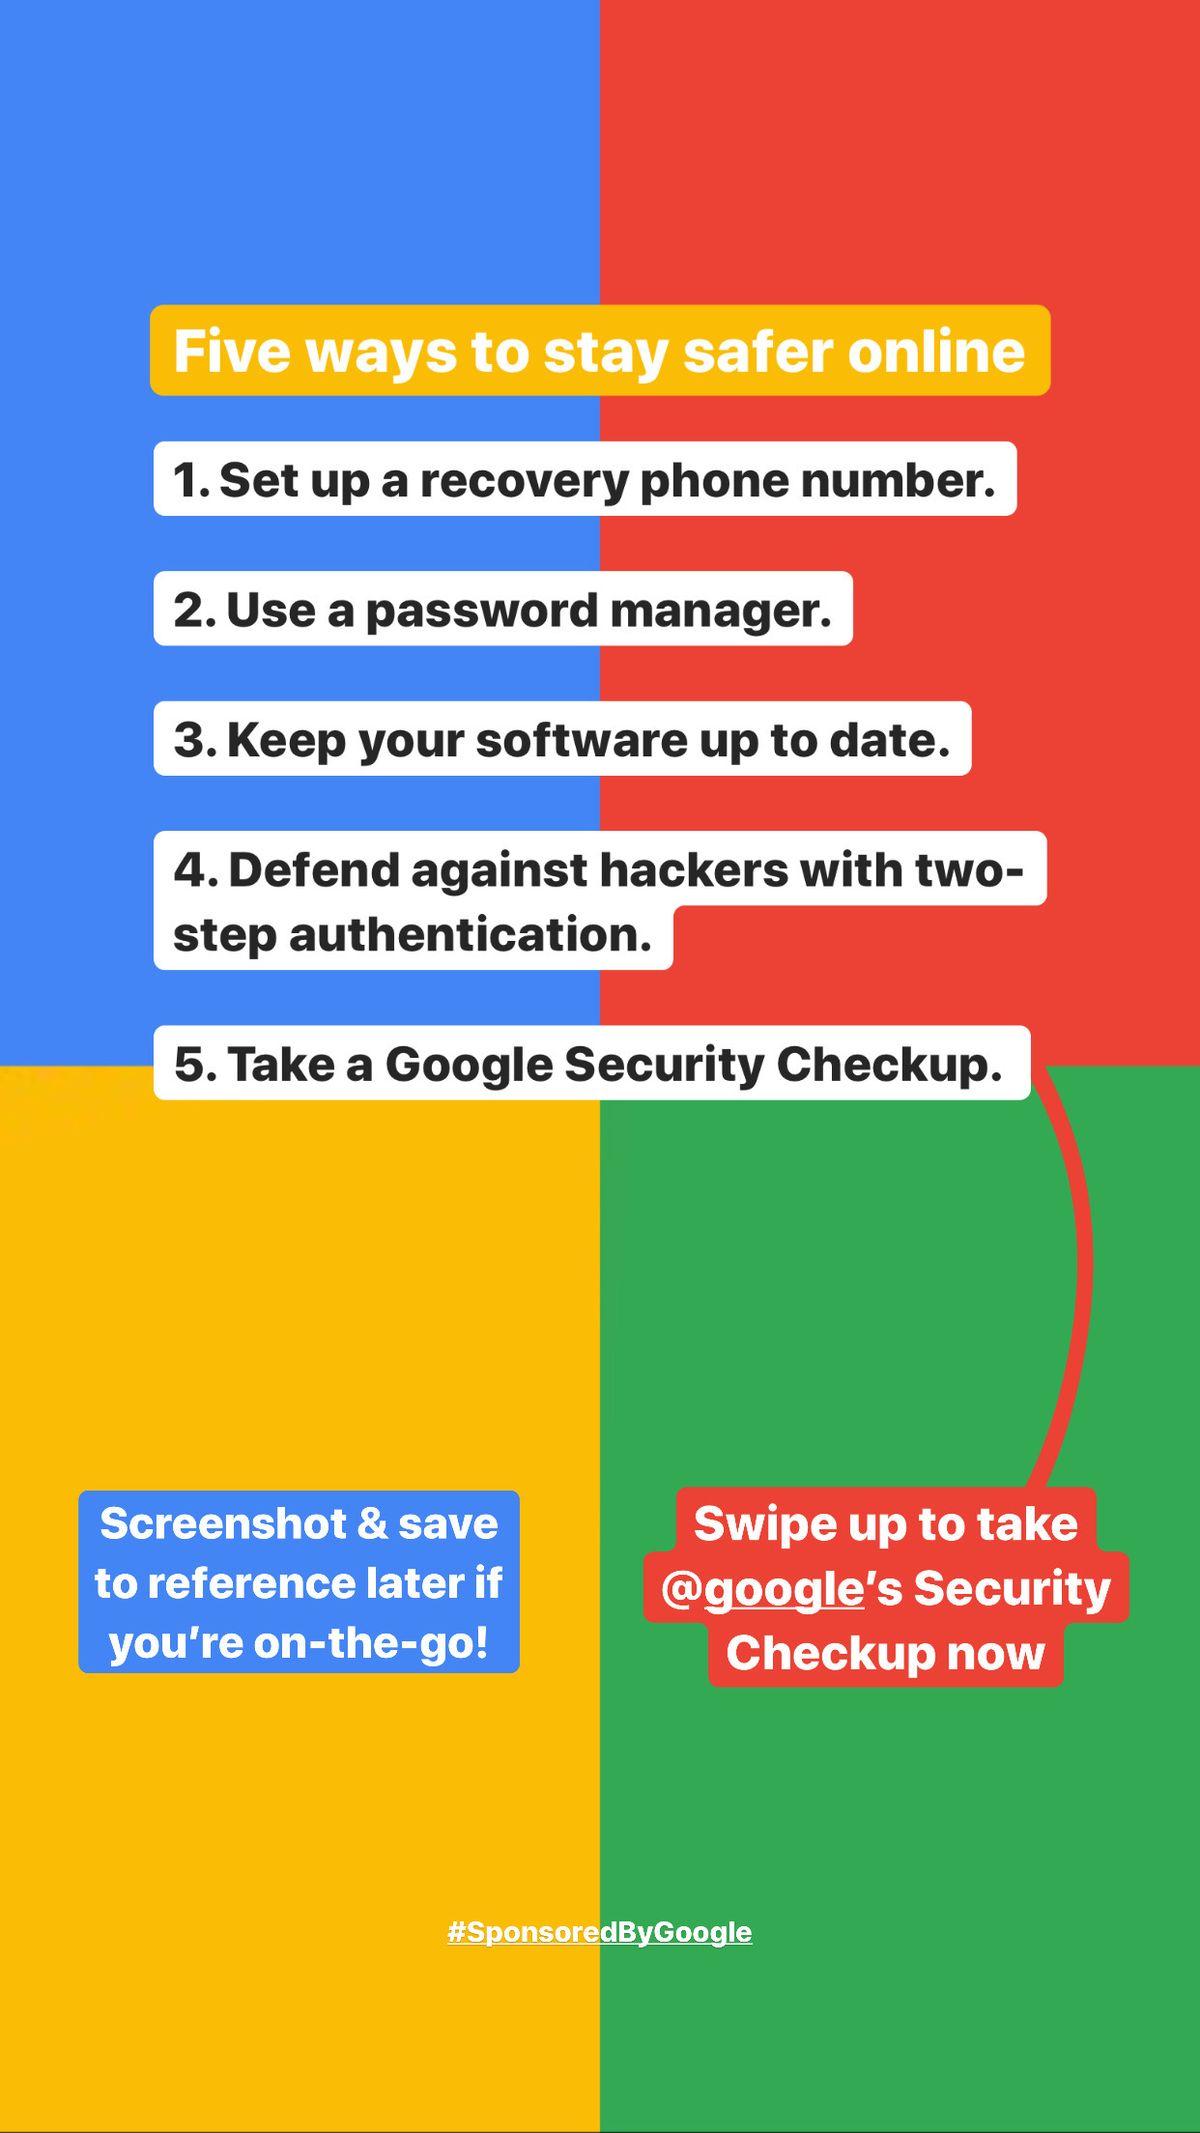 Stay Safer Online